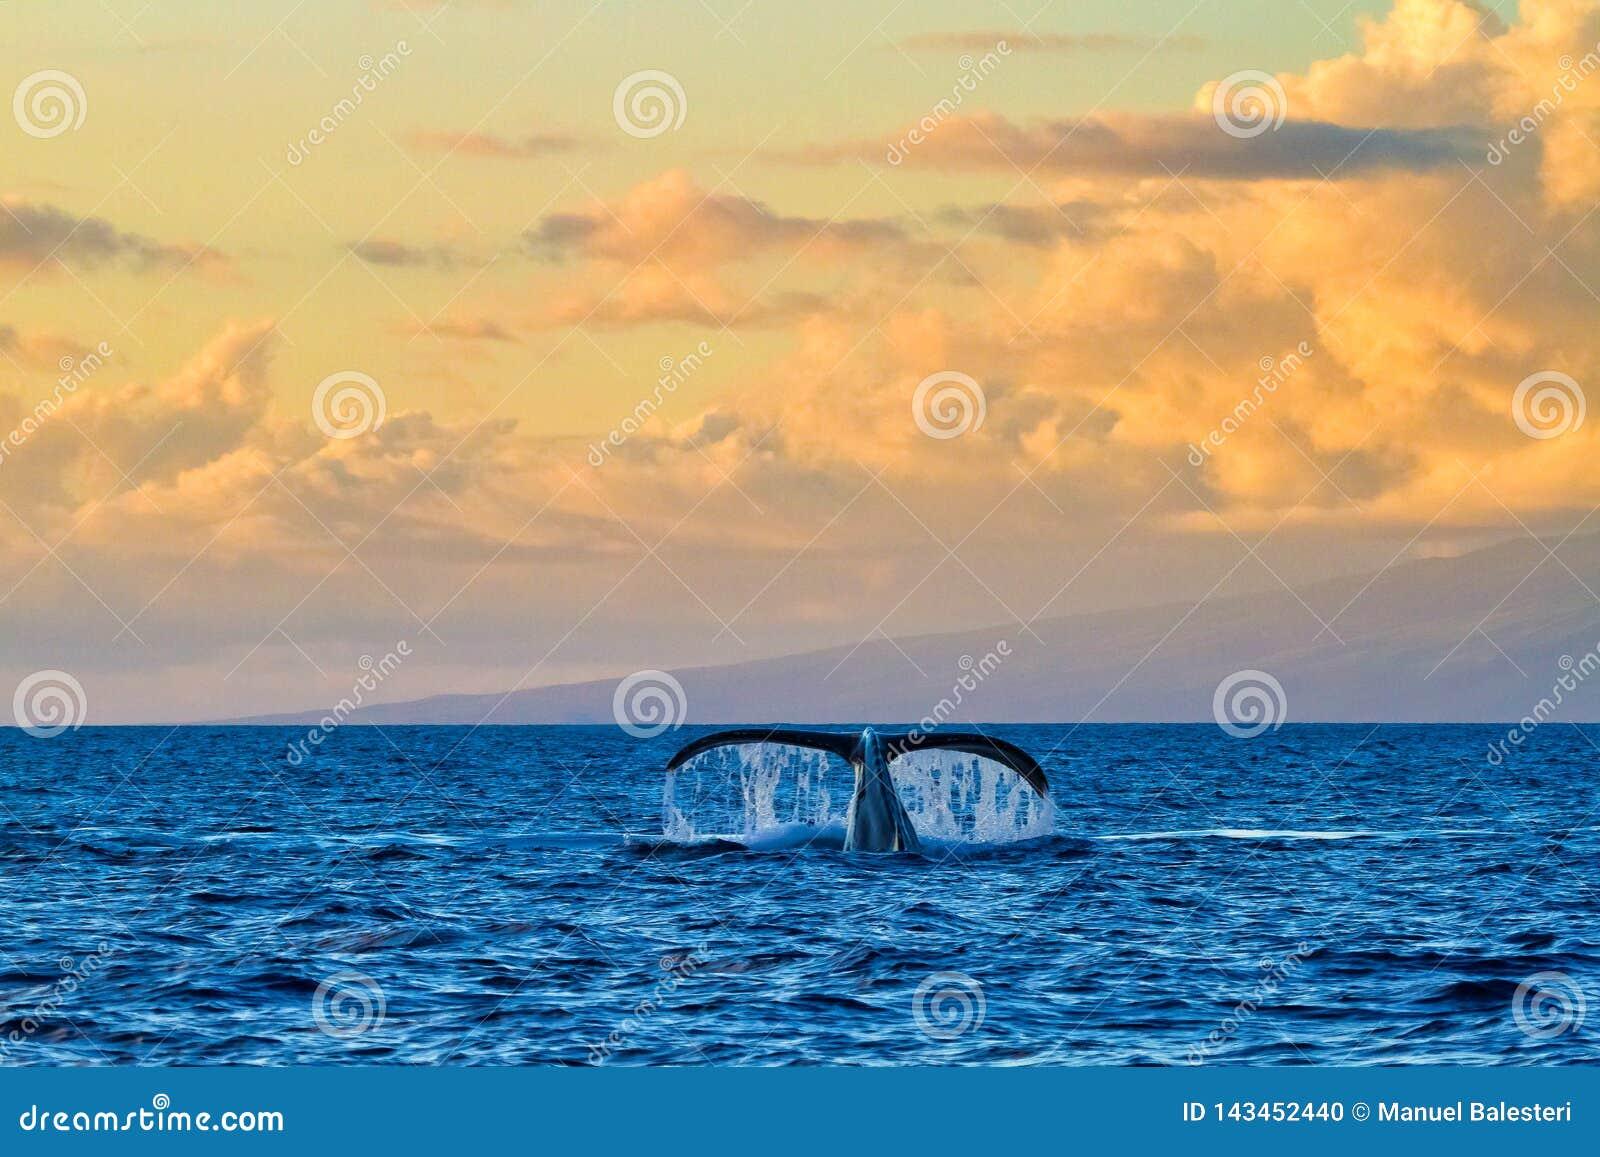 Μια ουρά φαλαινών που βλέπει εντυπωσιακή από μια βάρκα ρολογιών φαλαινών στο ηλιοβασίλεμα σε Maui